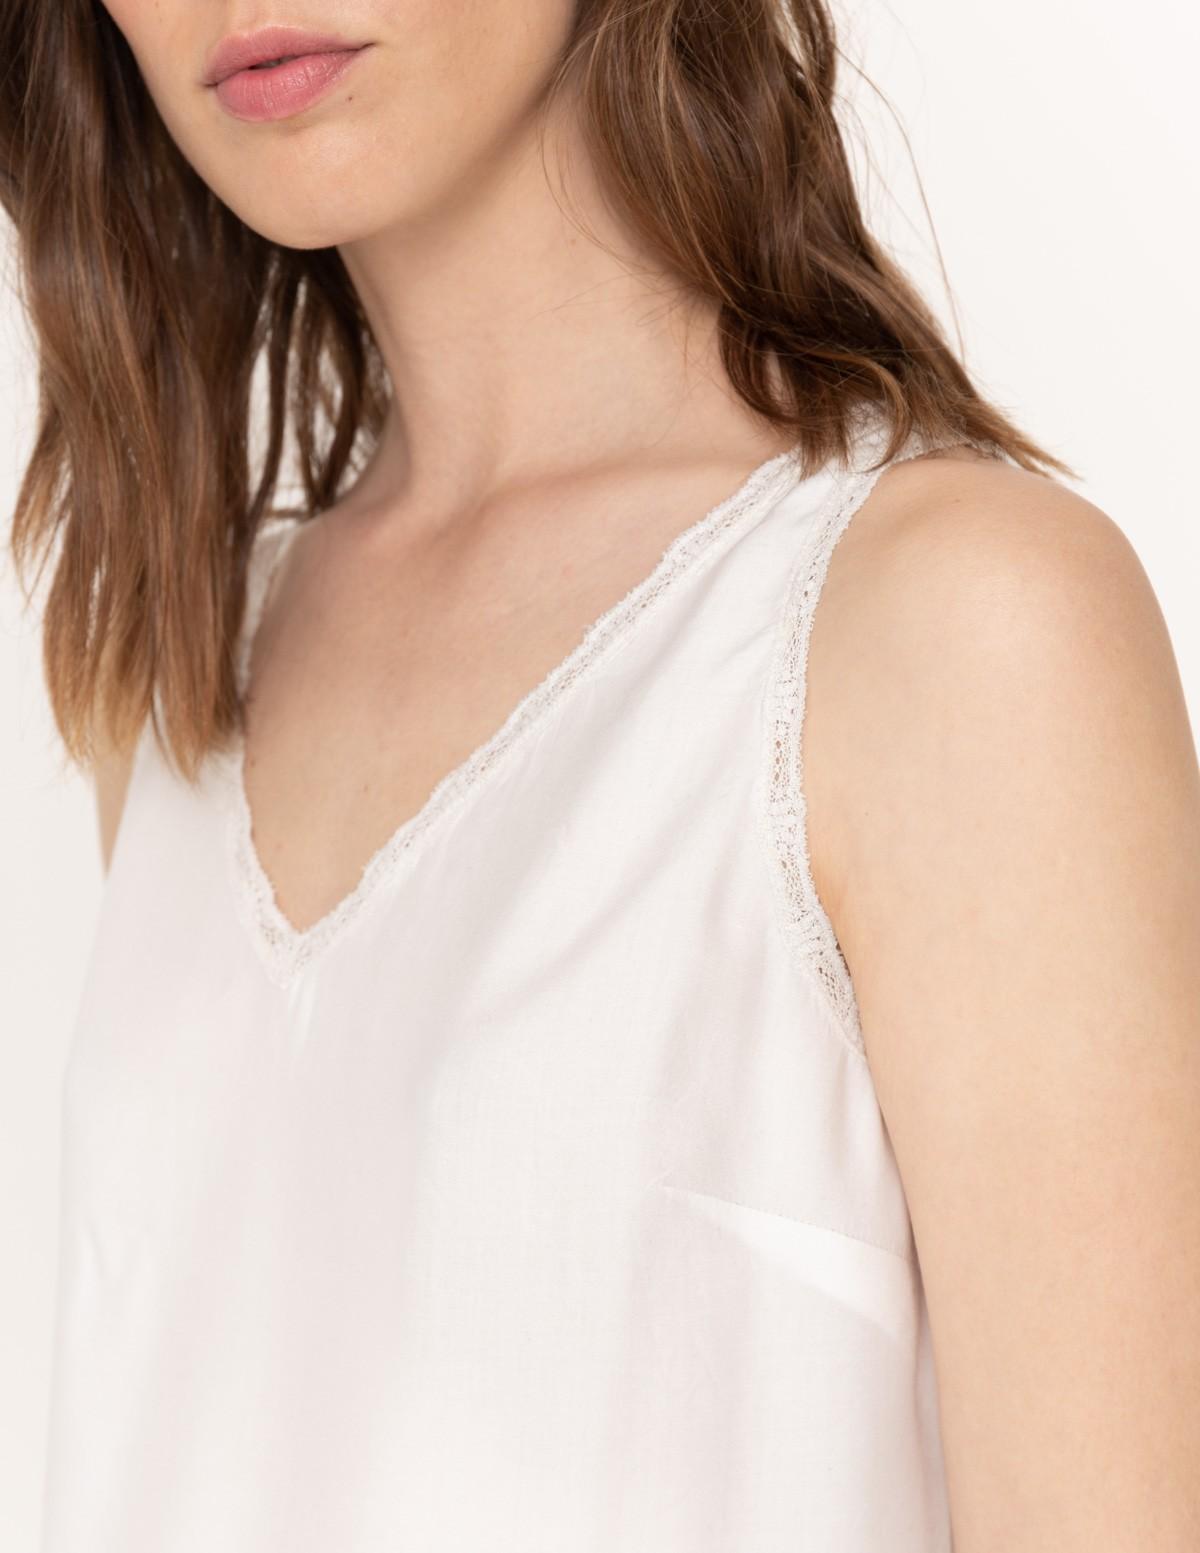 Camiseta sin mangas tejidos combinados - Ítem2